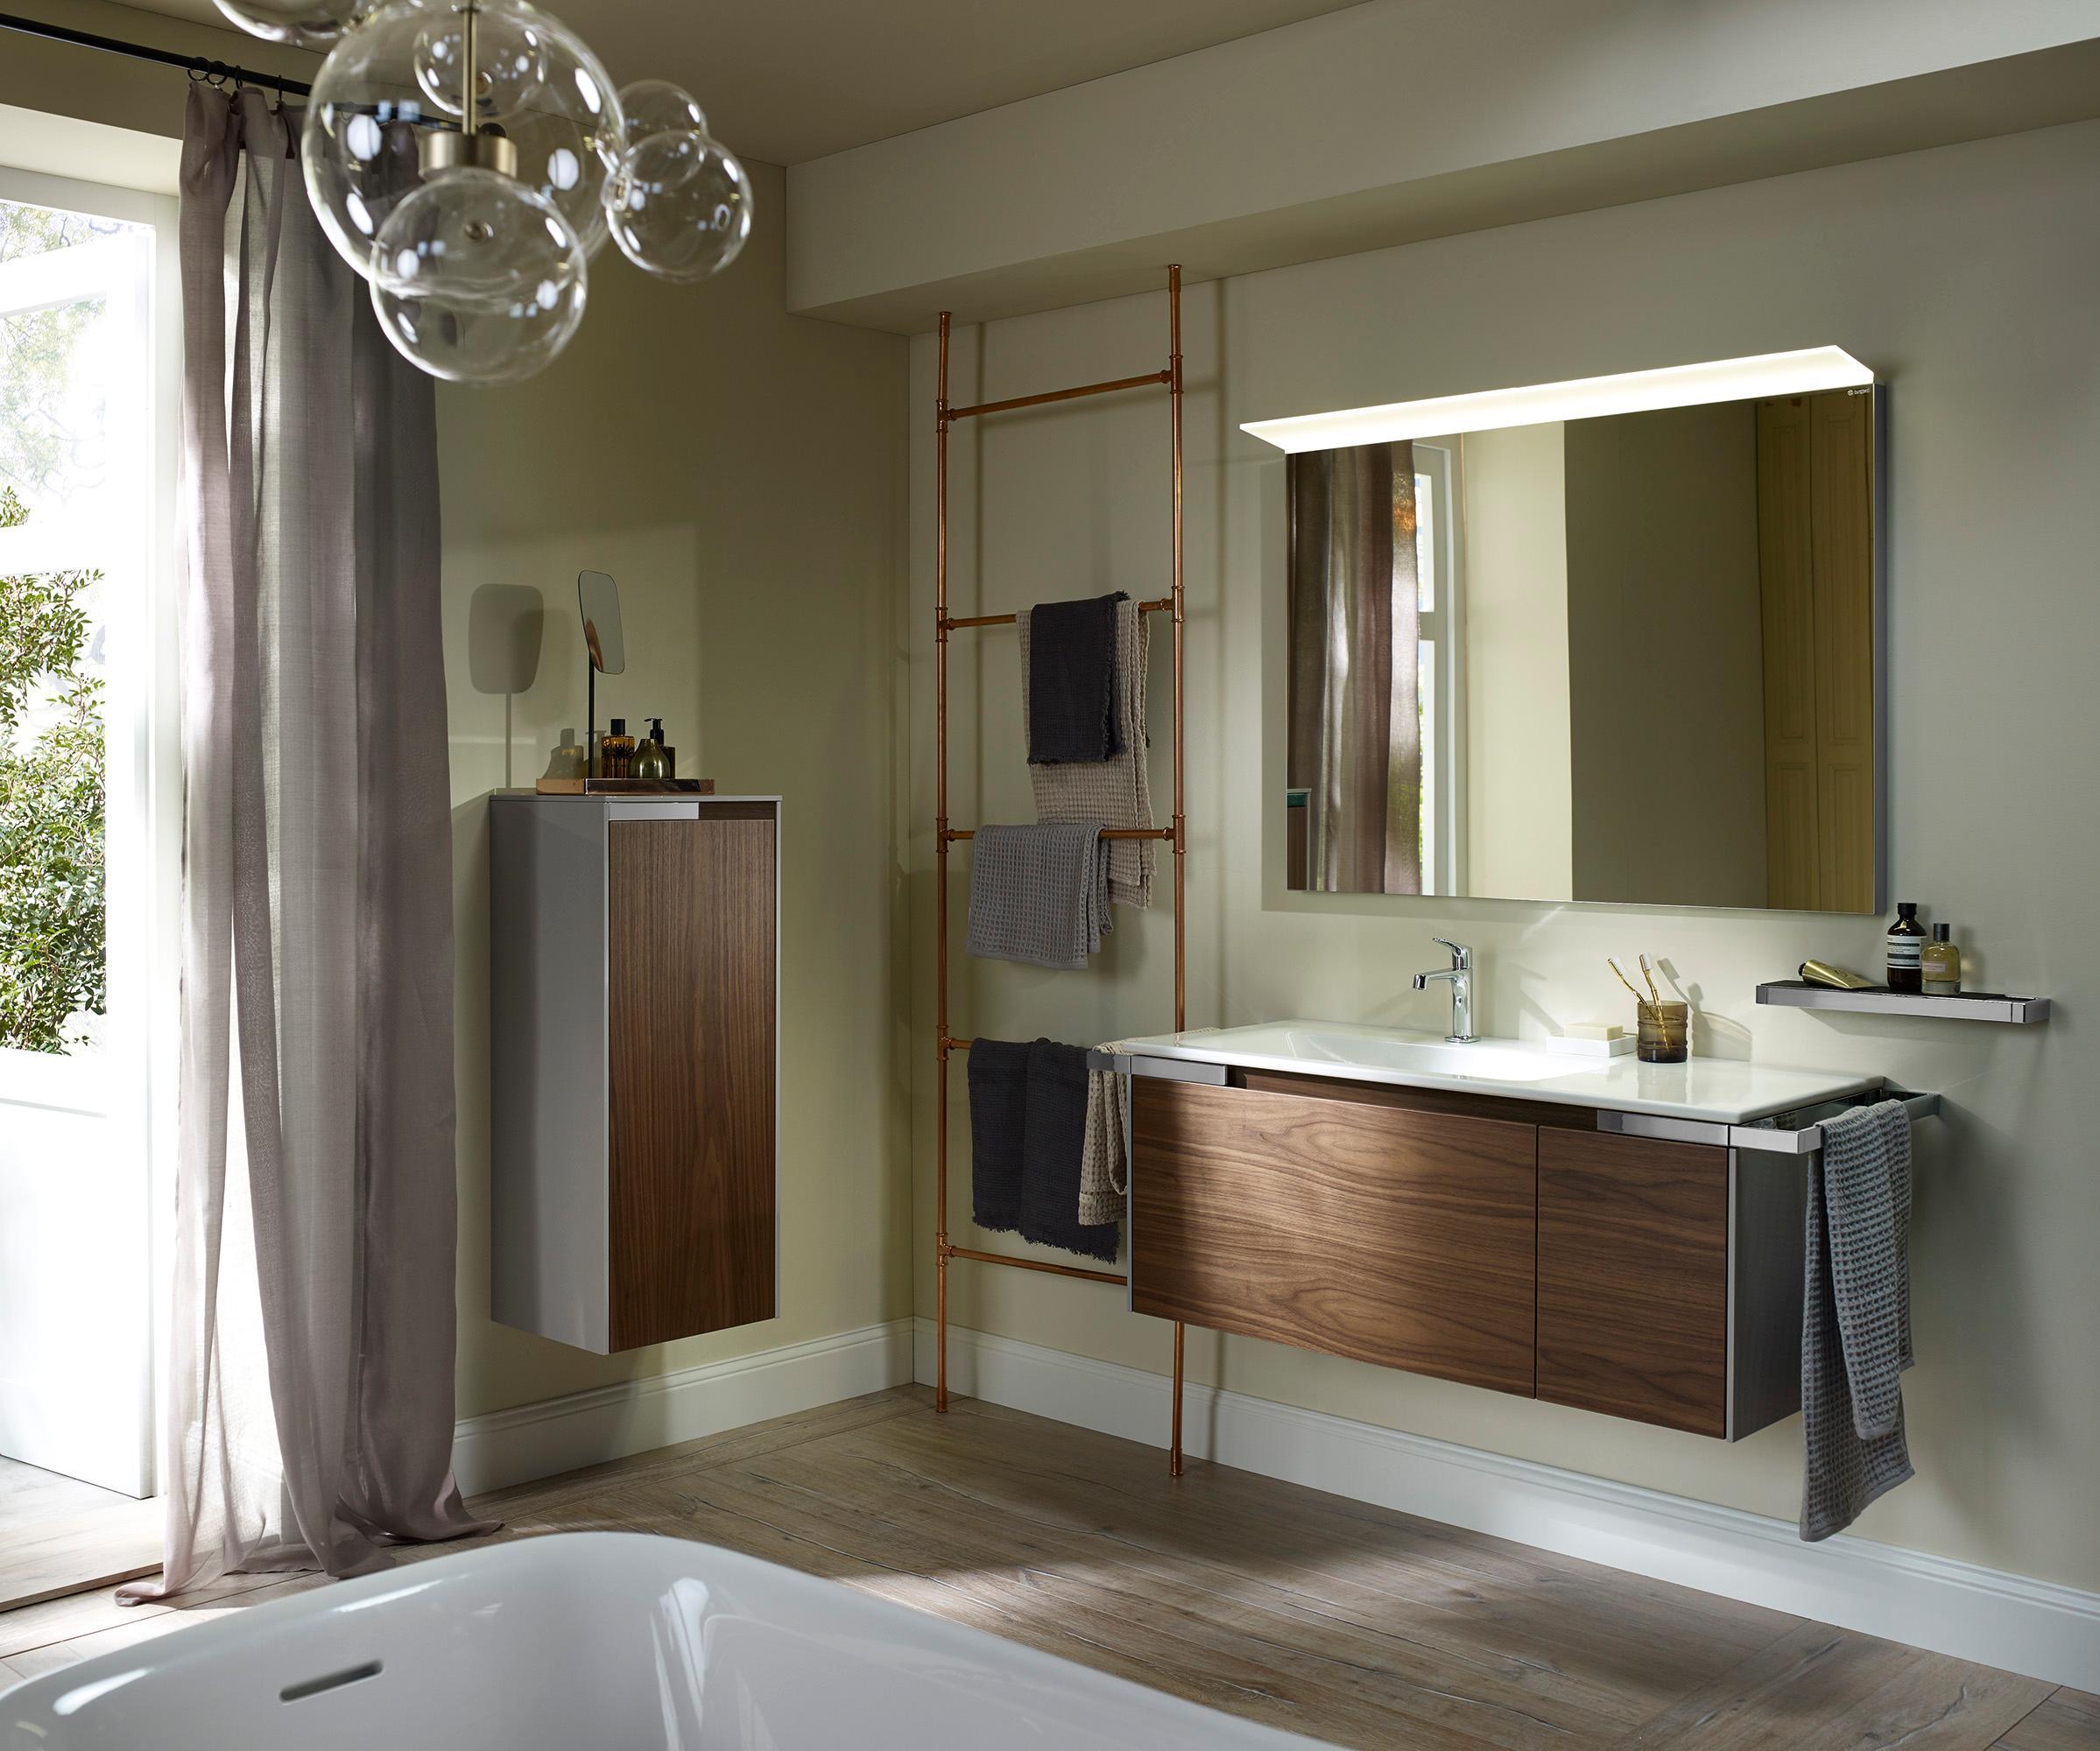 Yso in Nussbaum mit geradem Waschtisch #bad #spiegel...